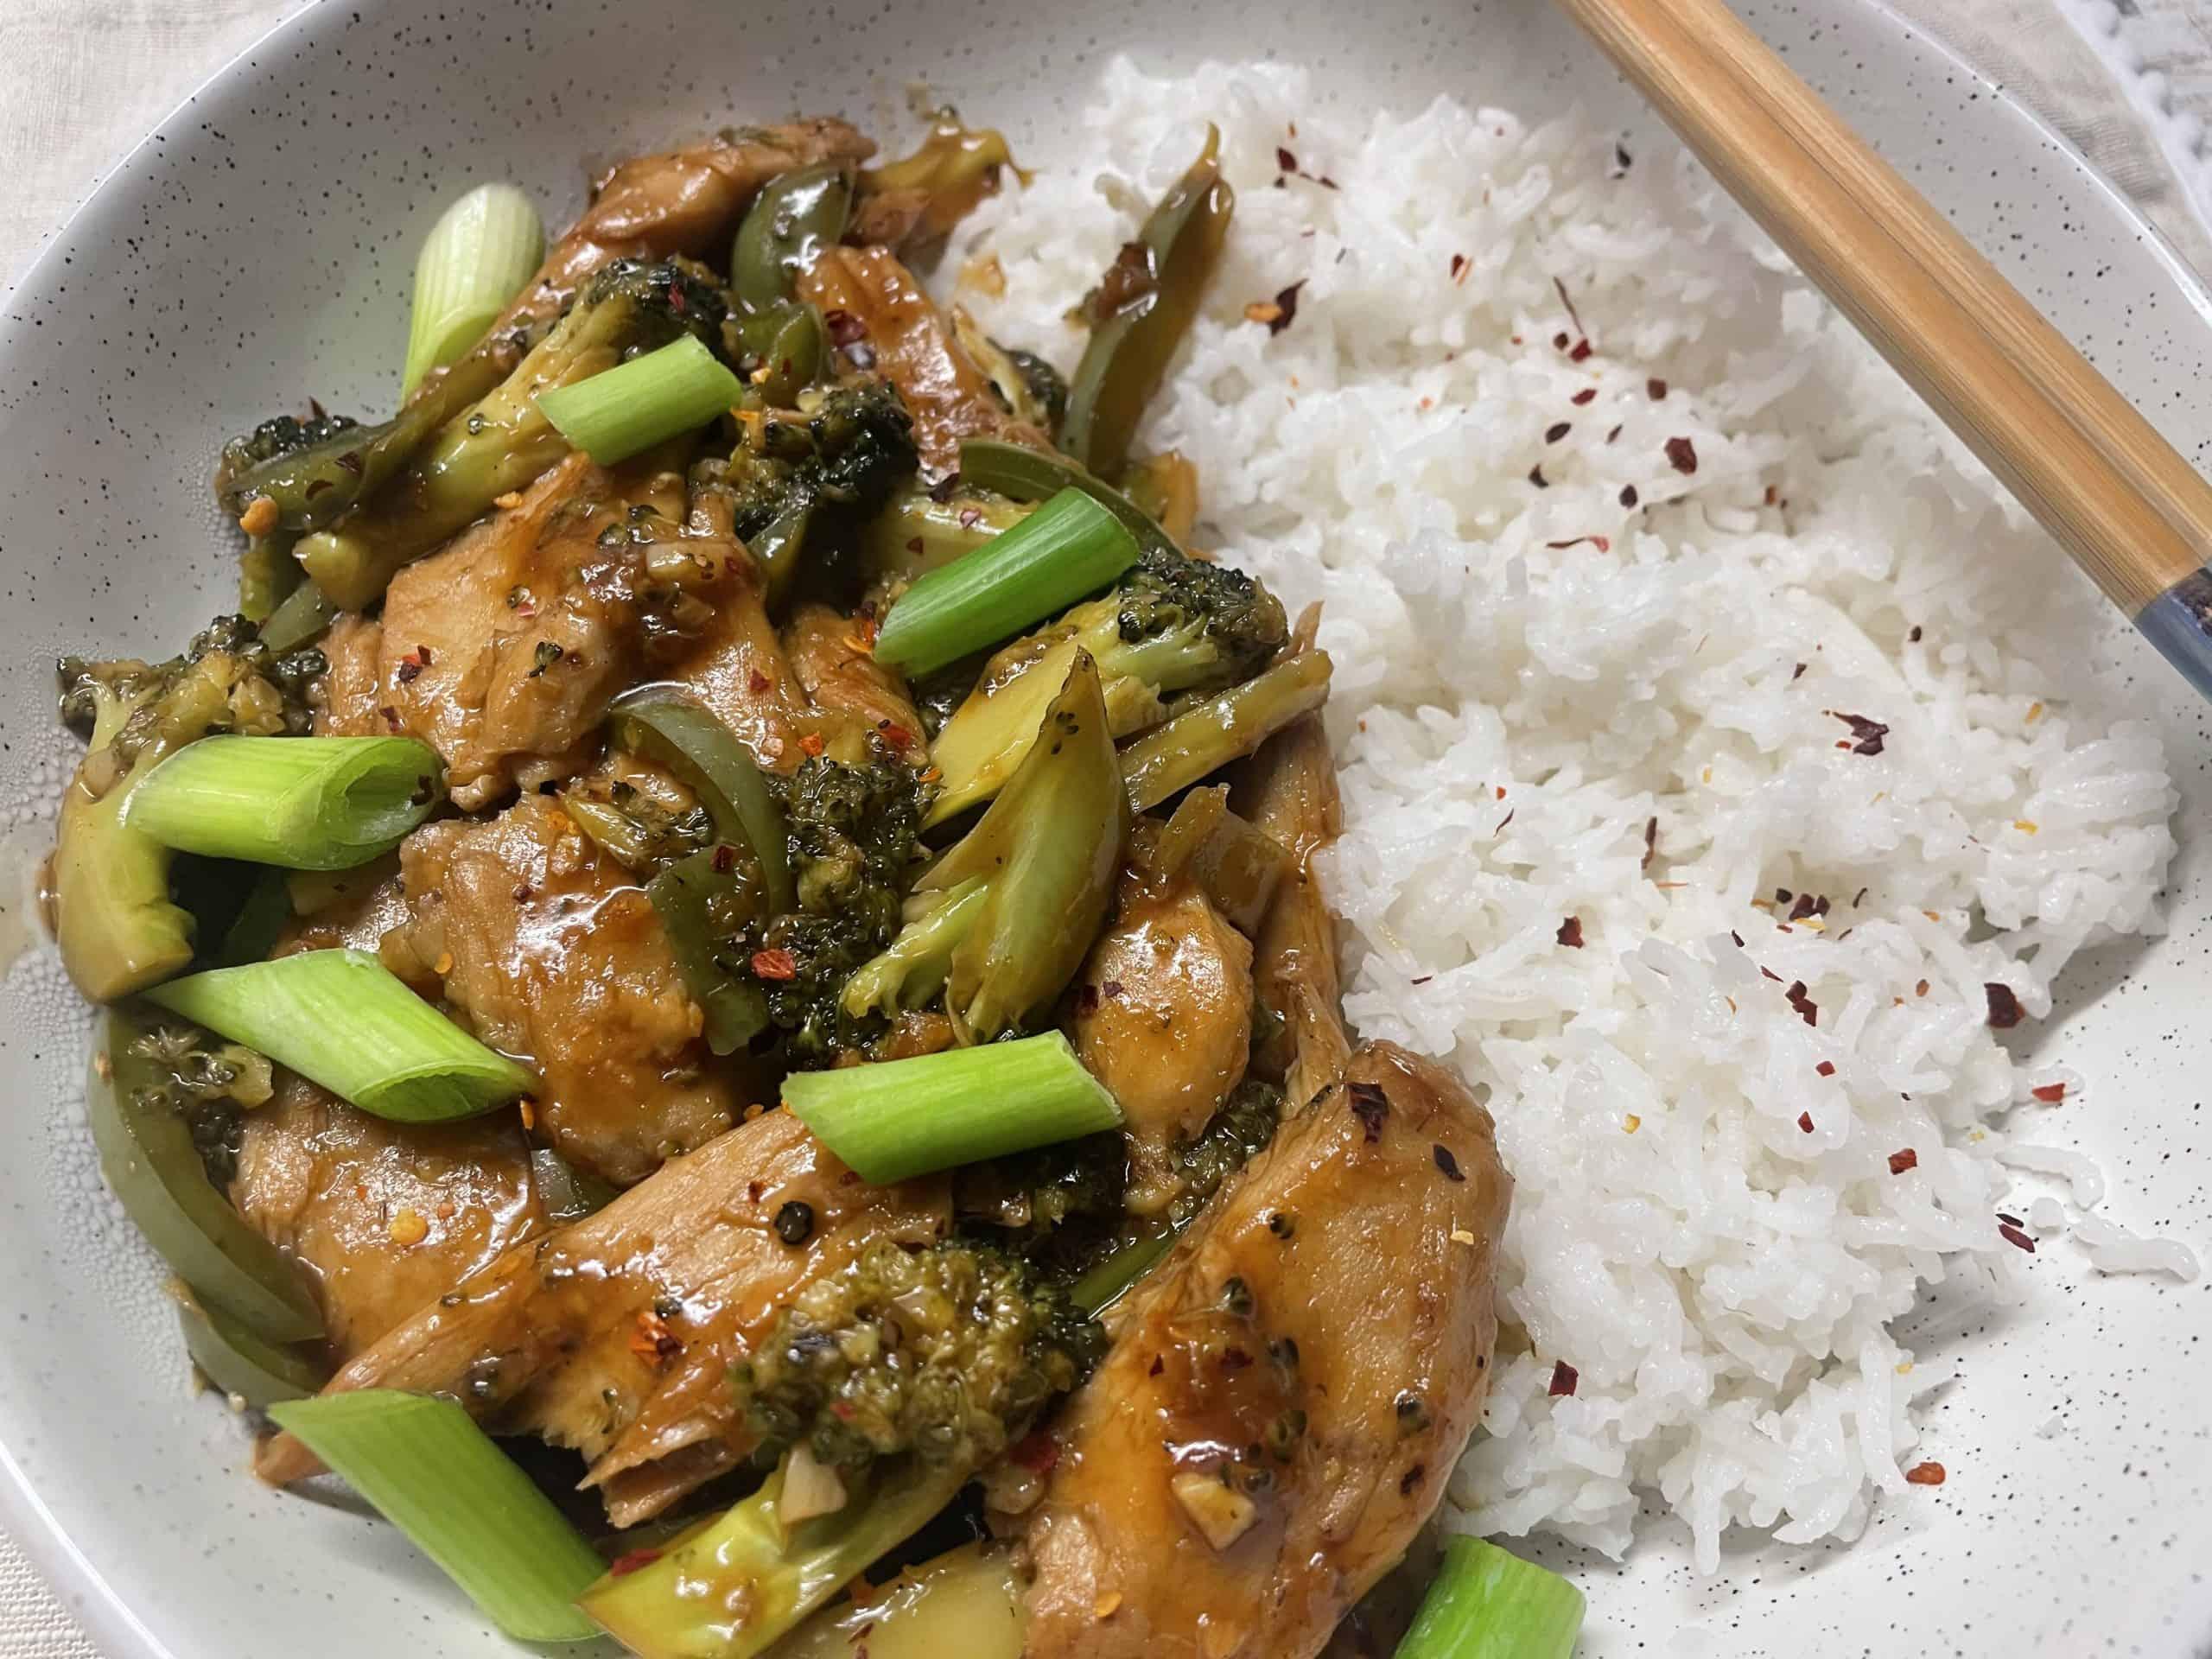 Vegan Mongolian Beef and Broccoli